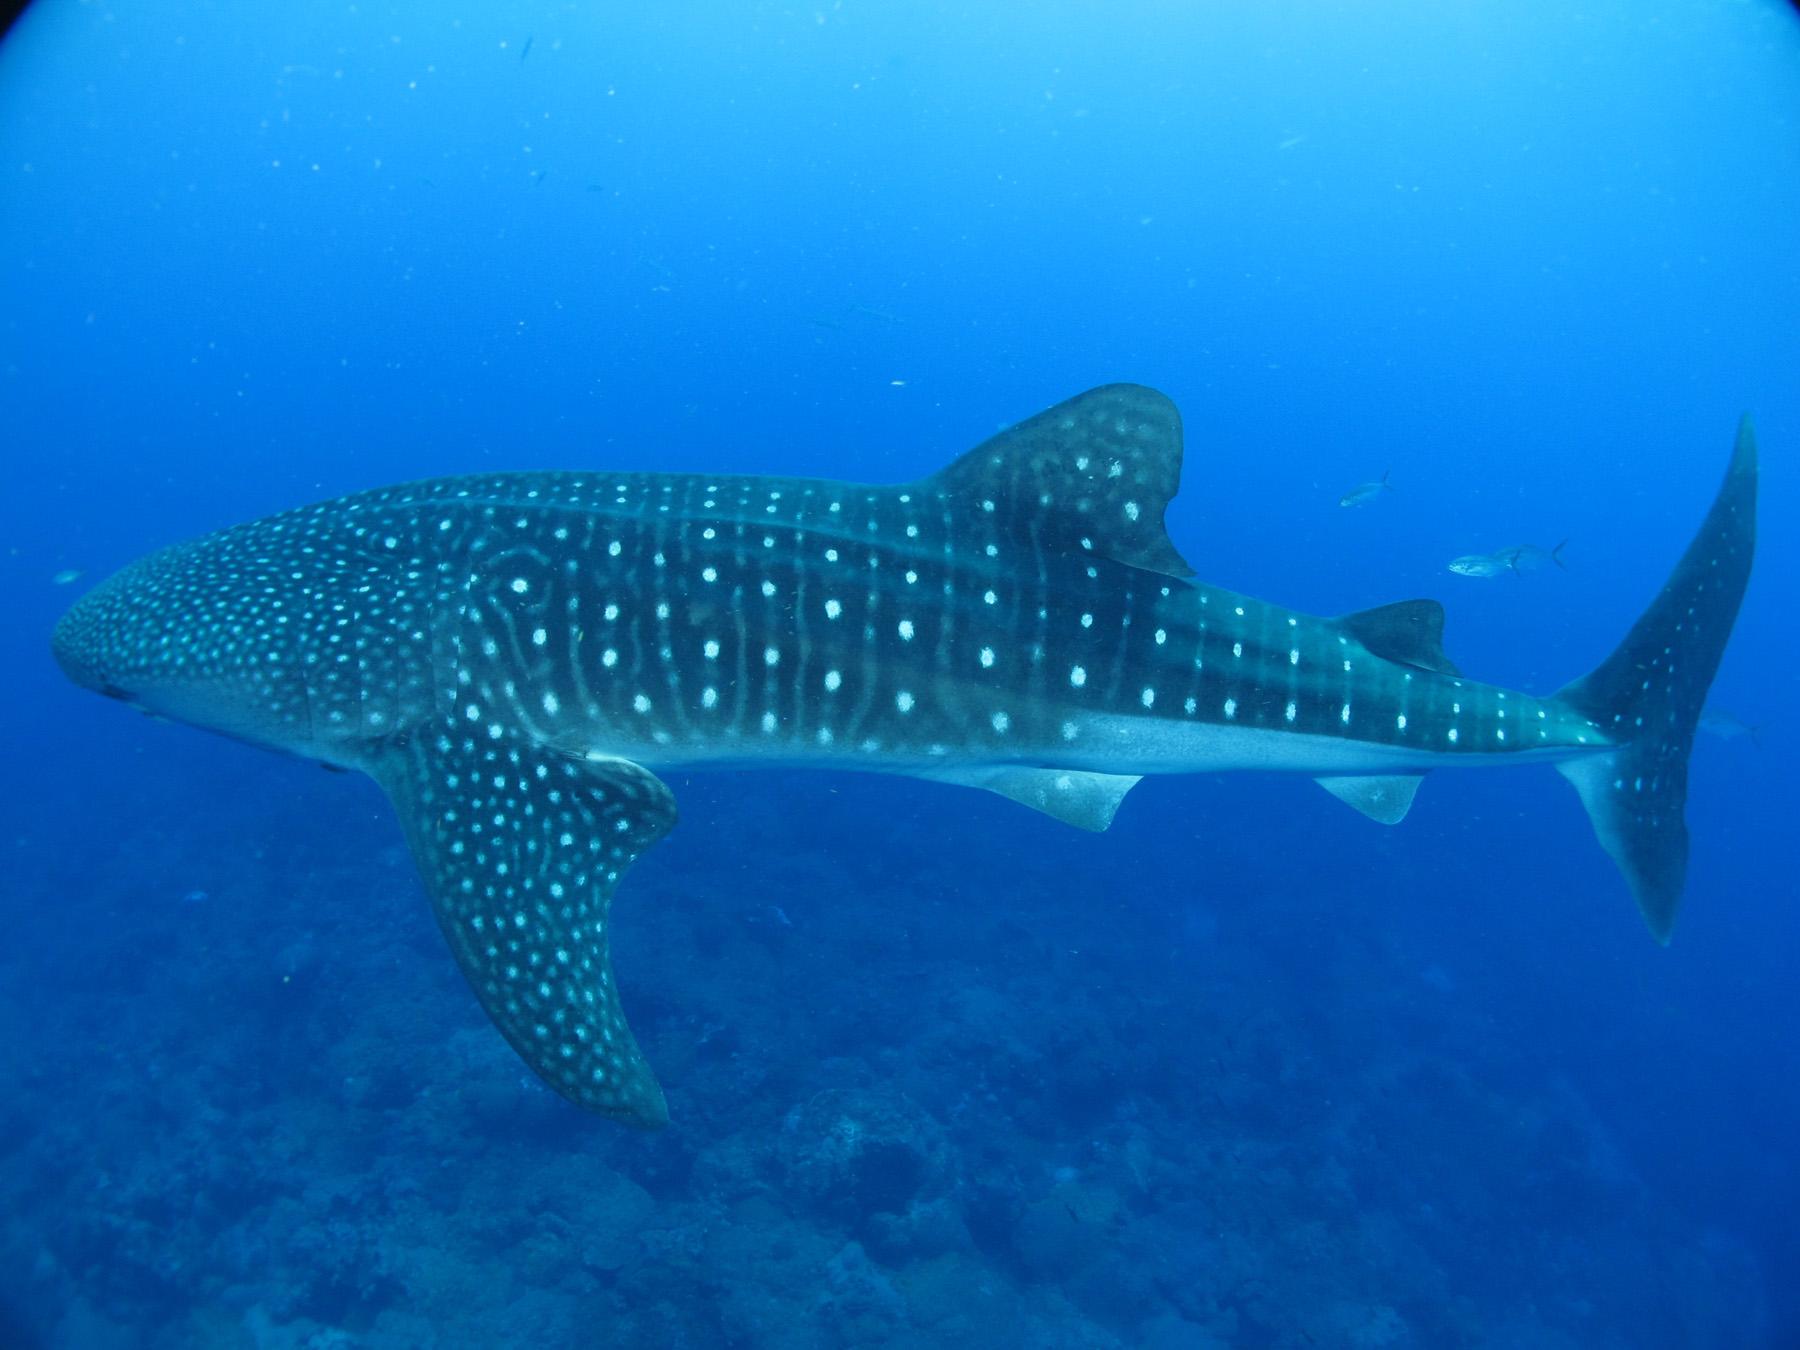 Flower Garden Banks National Marine Sanctuary Whale Shark ... Oyster Eating Salt